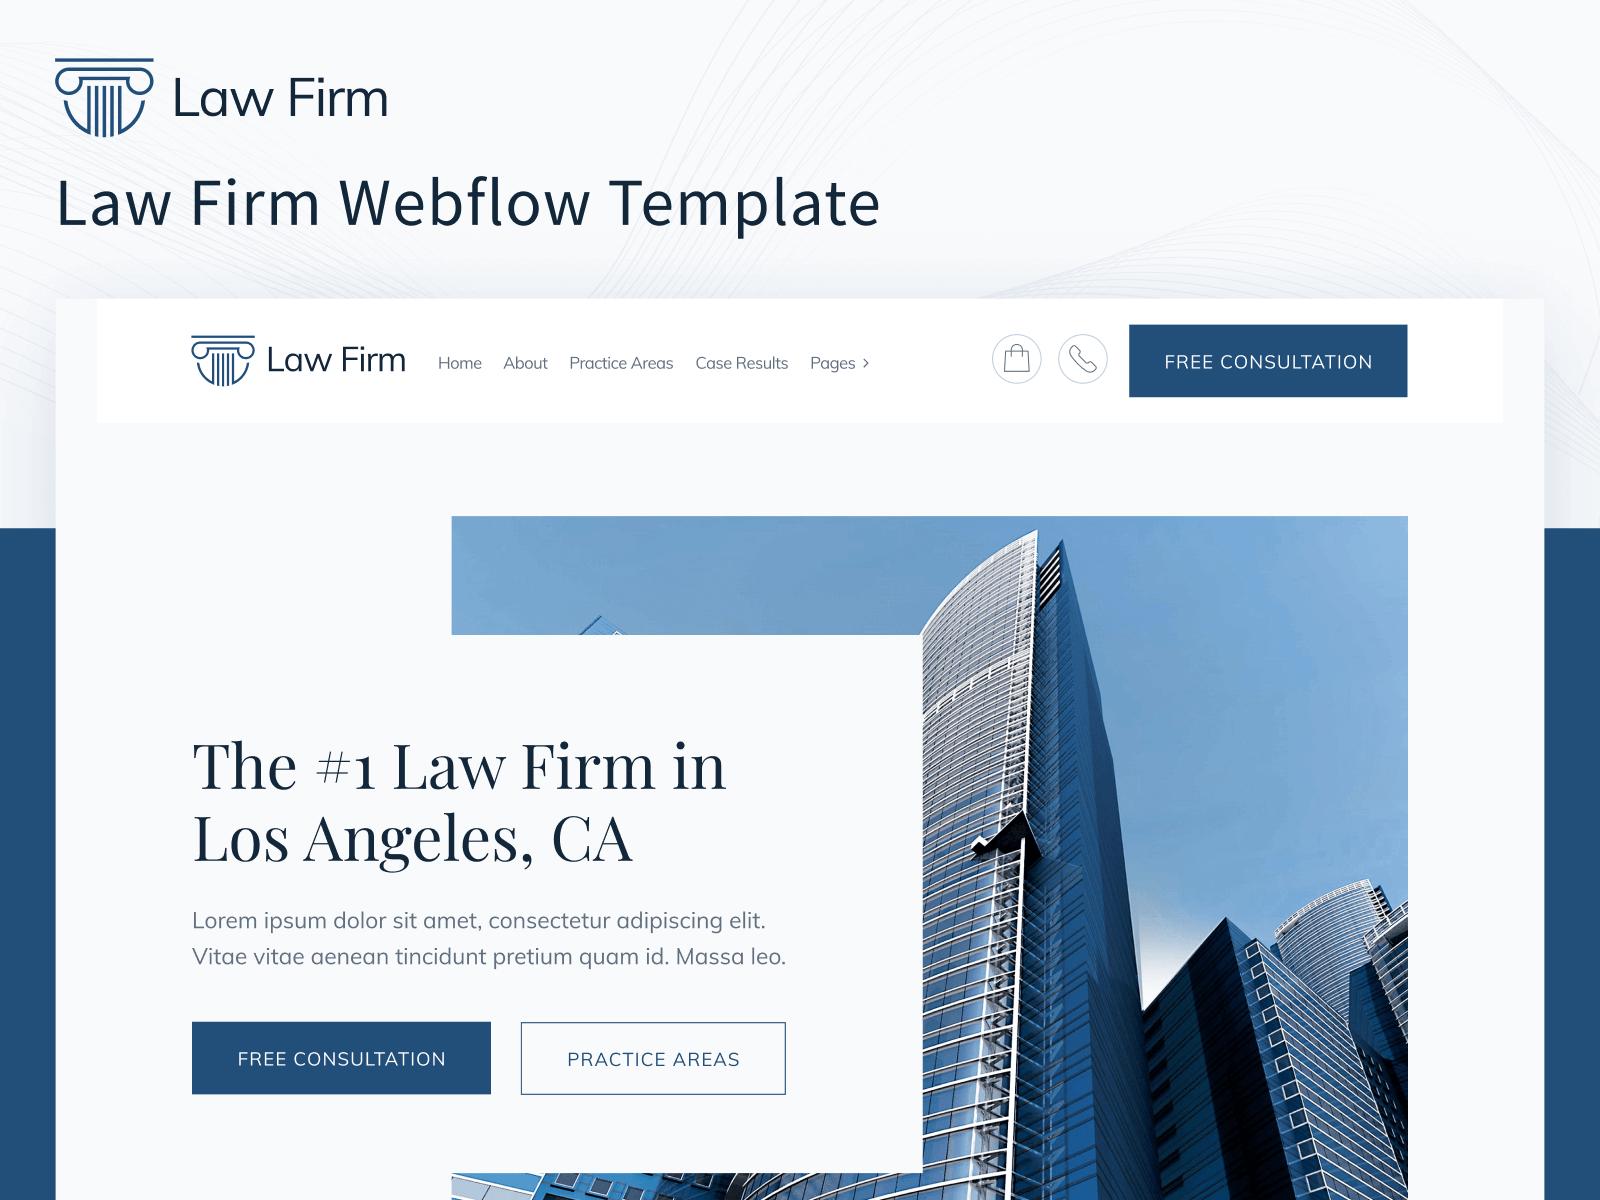 Law Firm Webflow Template